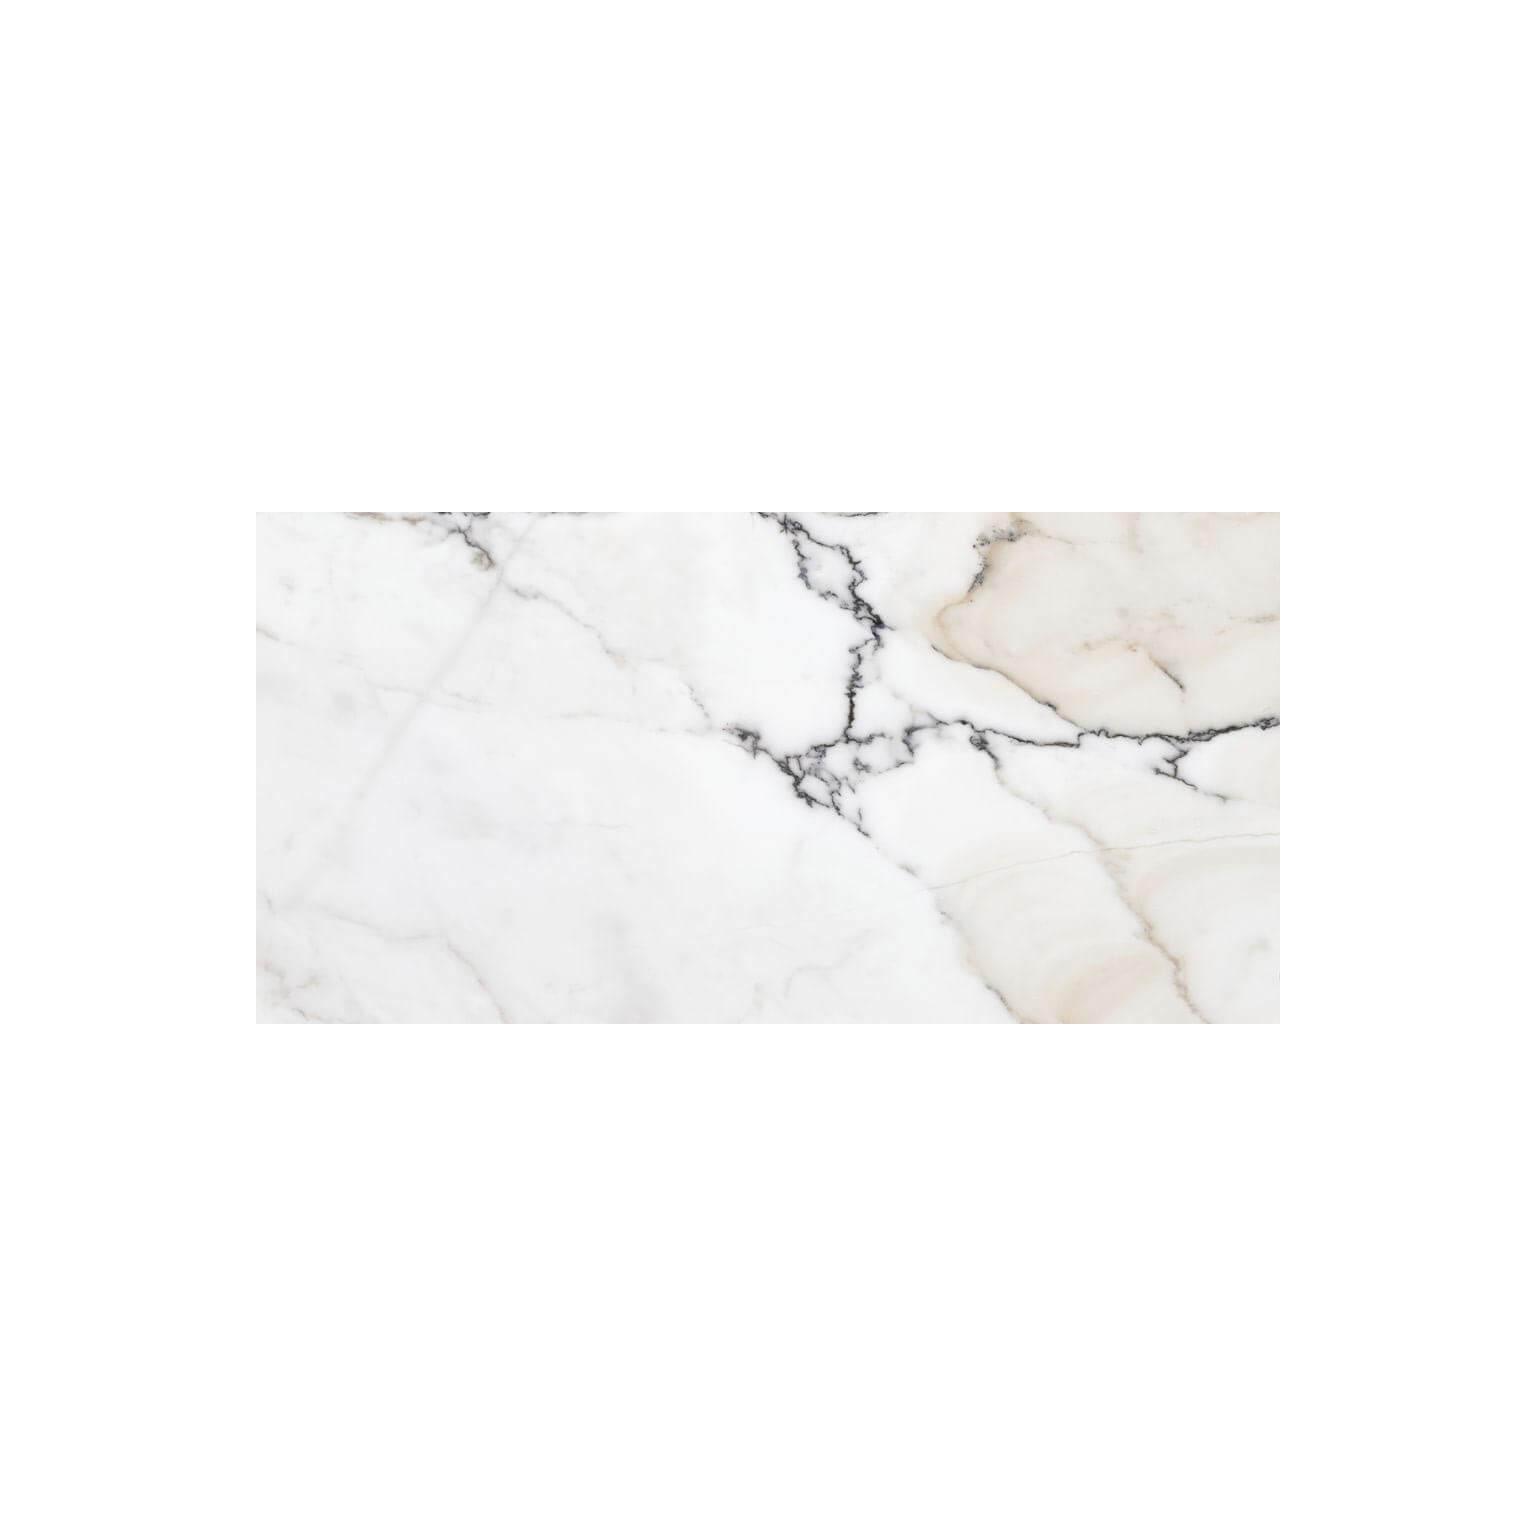 Carrelage sol et mur poli aspect marbre blanc Paonazzo 60x120 cm rectifié